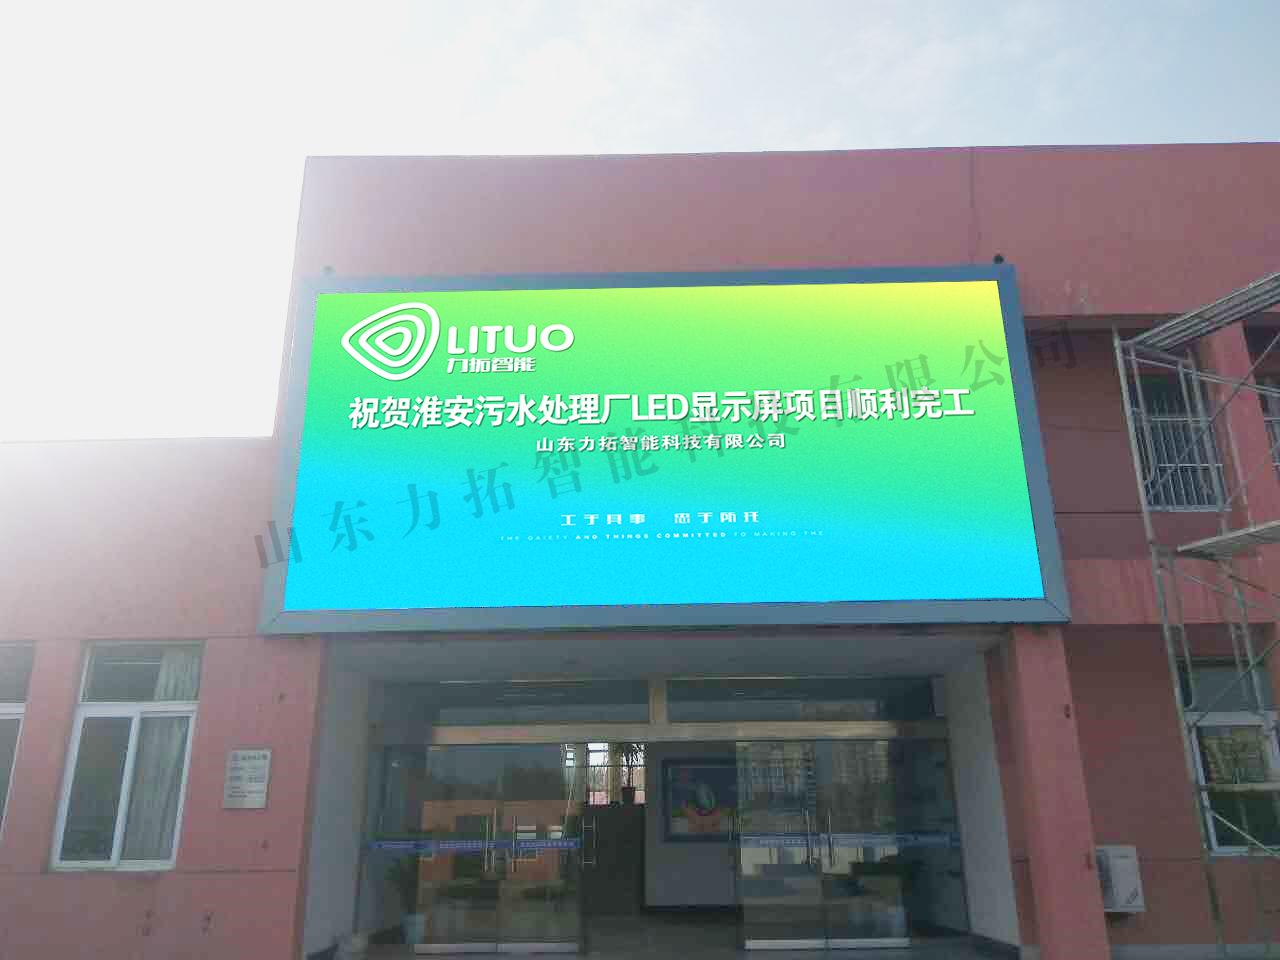 江苏省淮安污水处理厂LED全彩显示屏工程